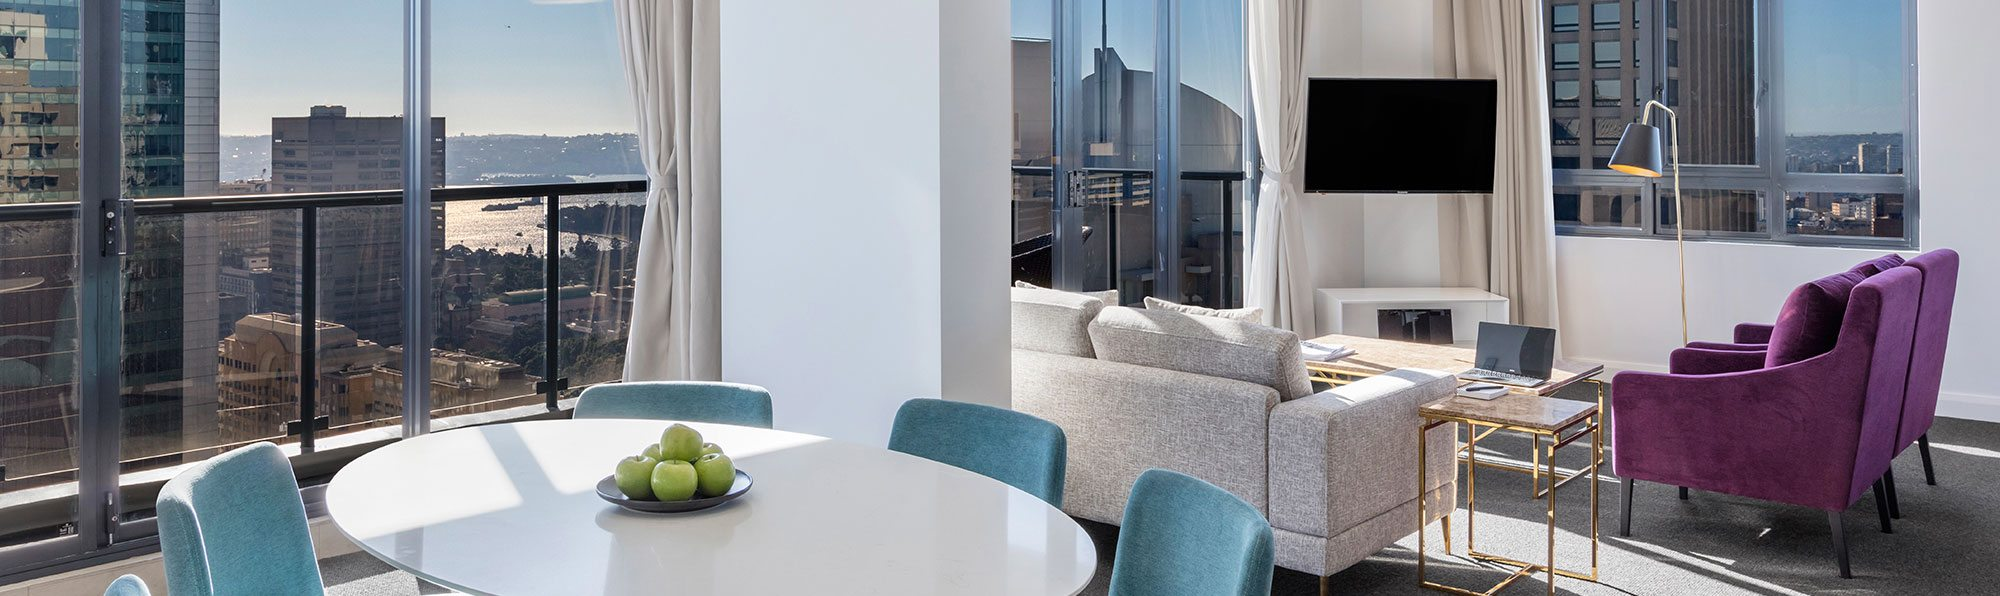 Meriton Suites - Sydney, Brisbane & Gold Coast